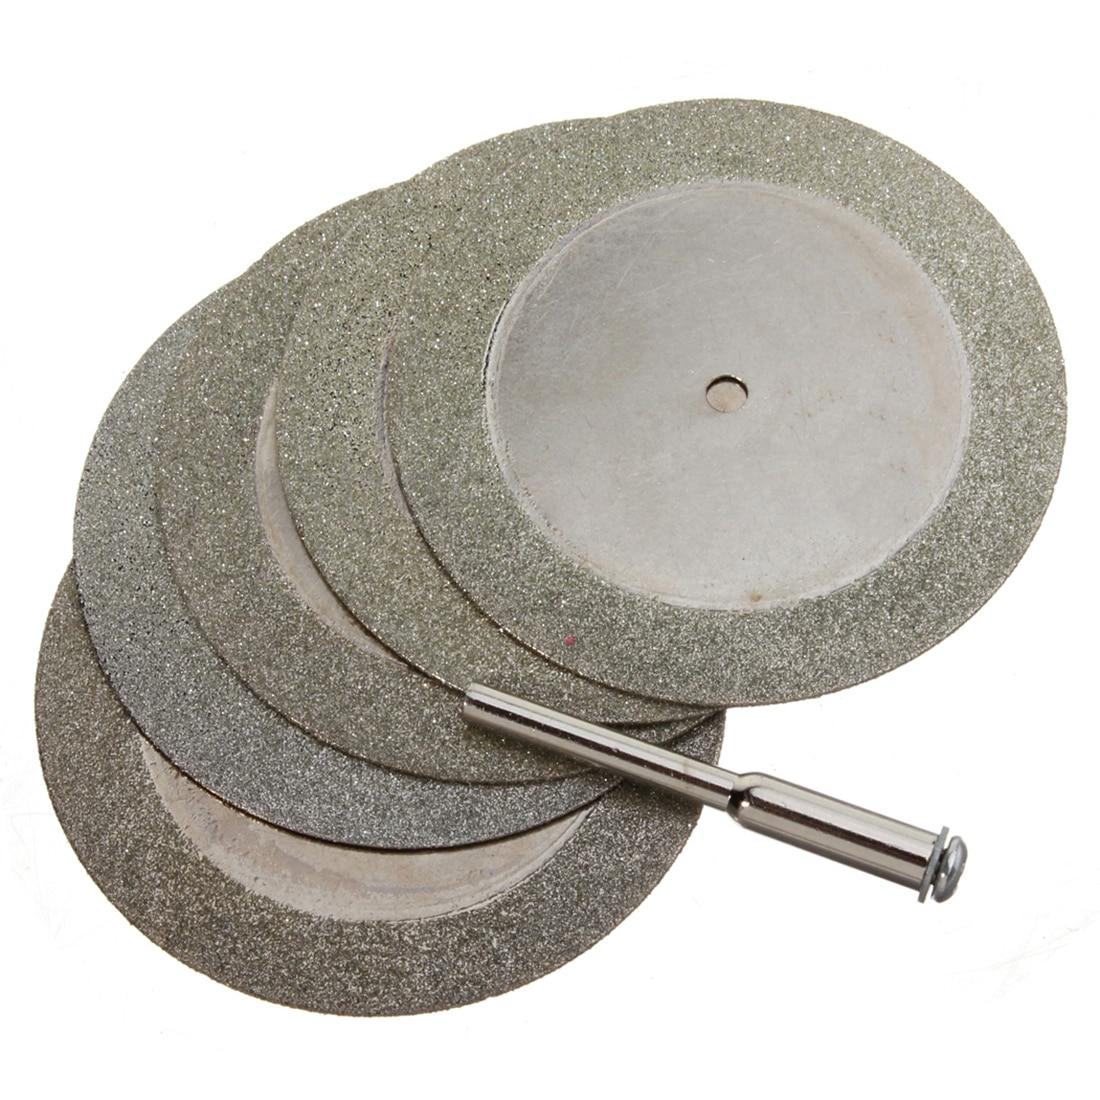 New 5pcs 50mm Diamond Cutting Discs & Drill Bit For Rotary Tool Glass Metal